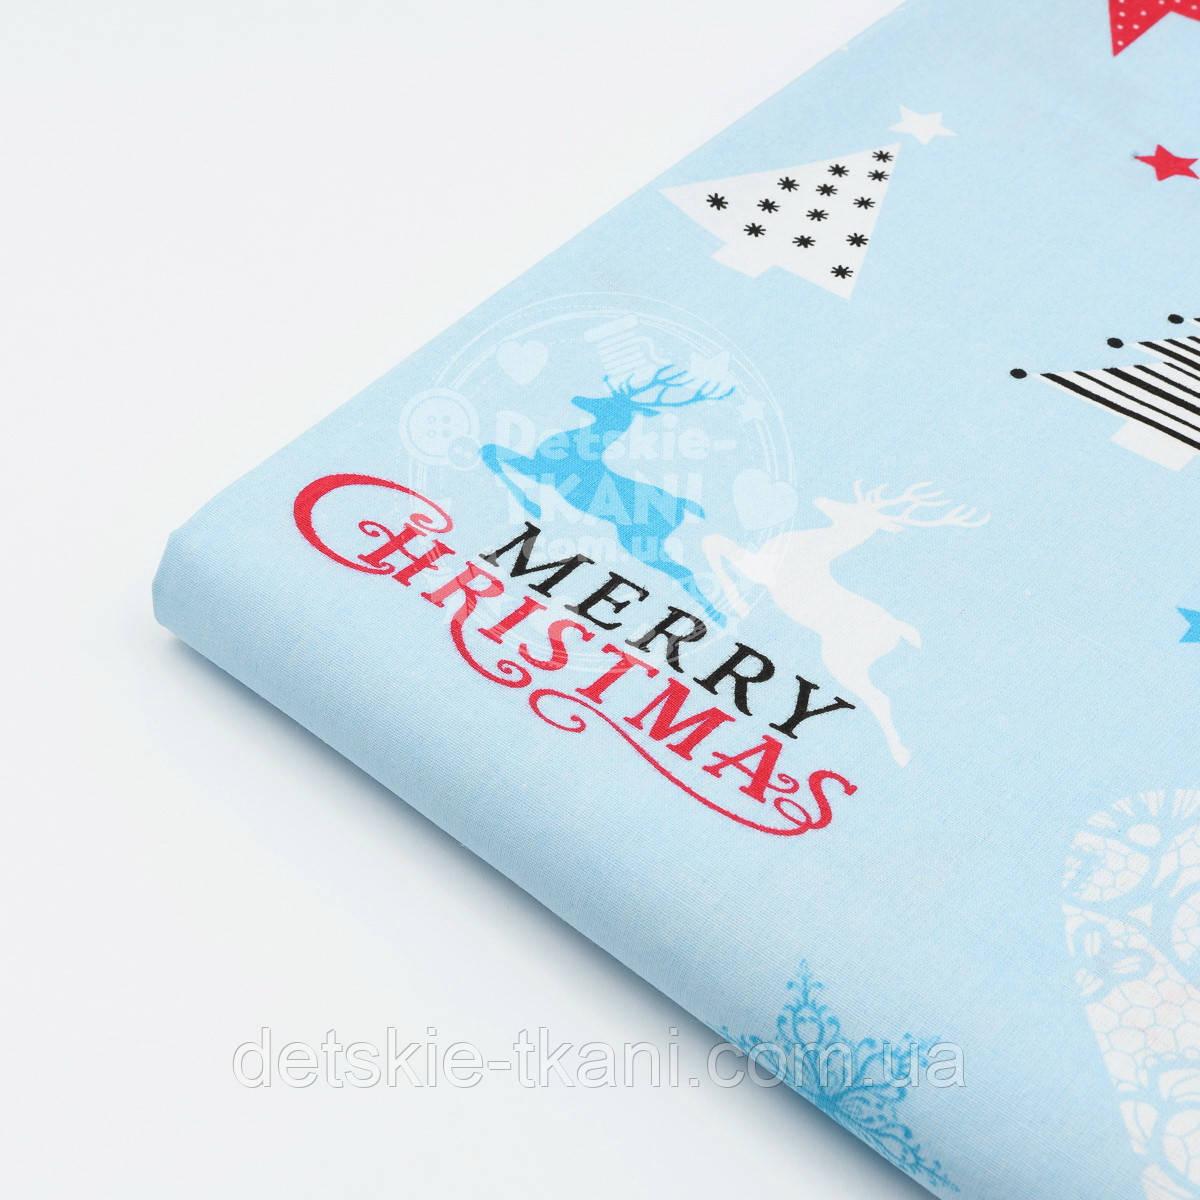 """Лоскут ткани №947  """"Merry Christmas"""" с оленями, звездочками, ёлочками на голубом фоне"""